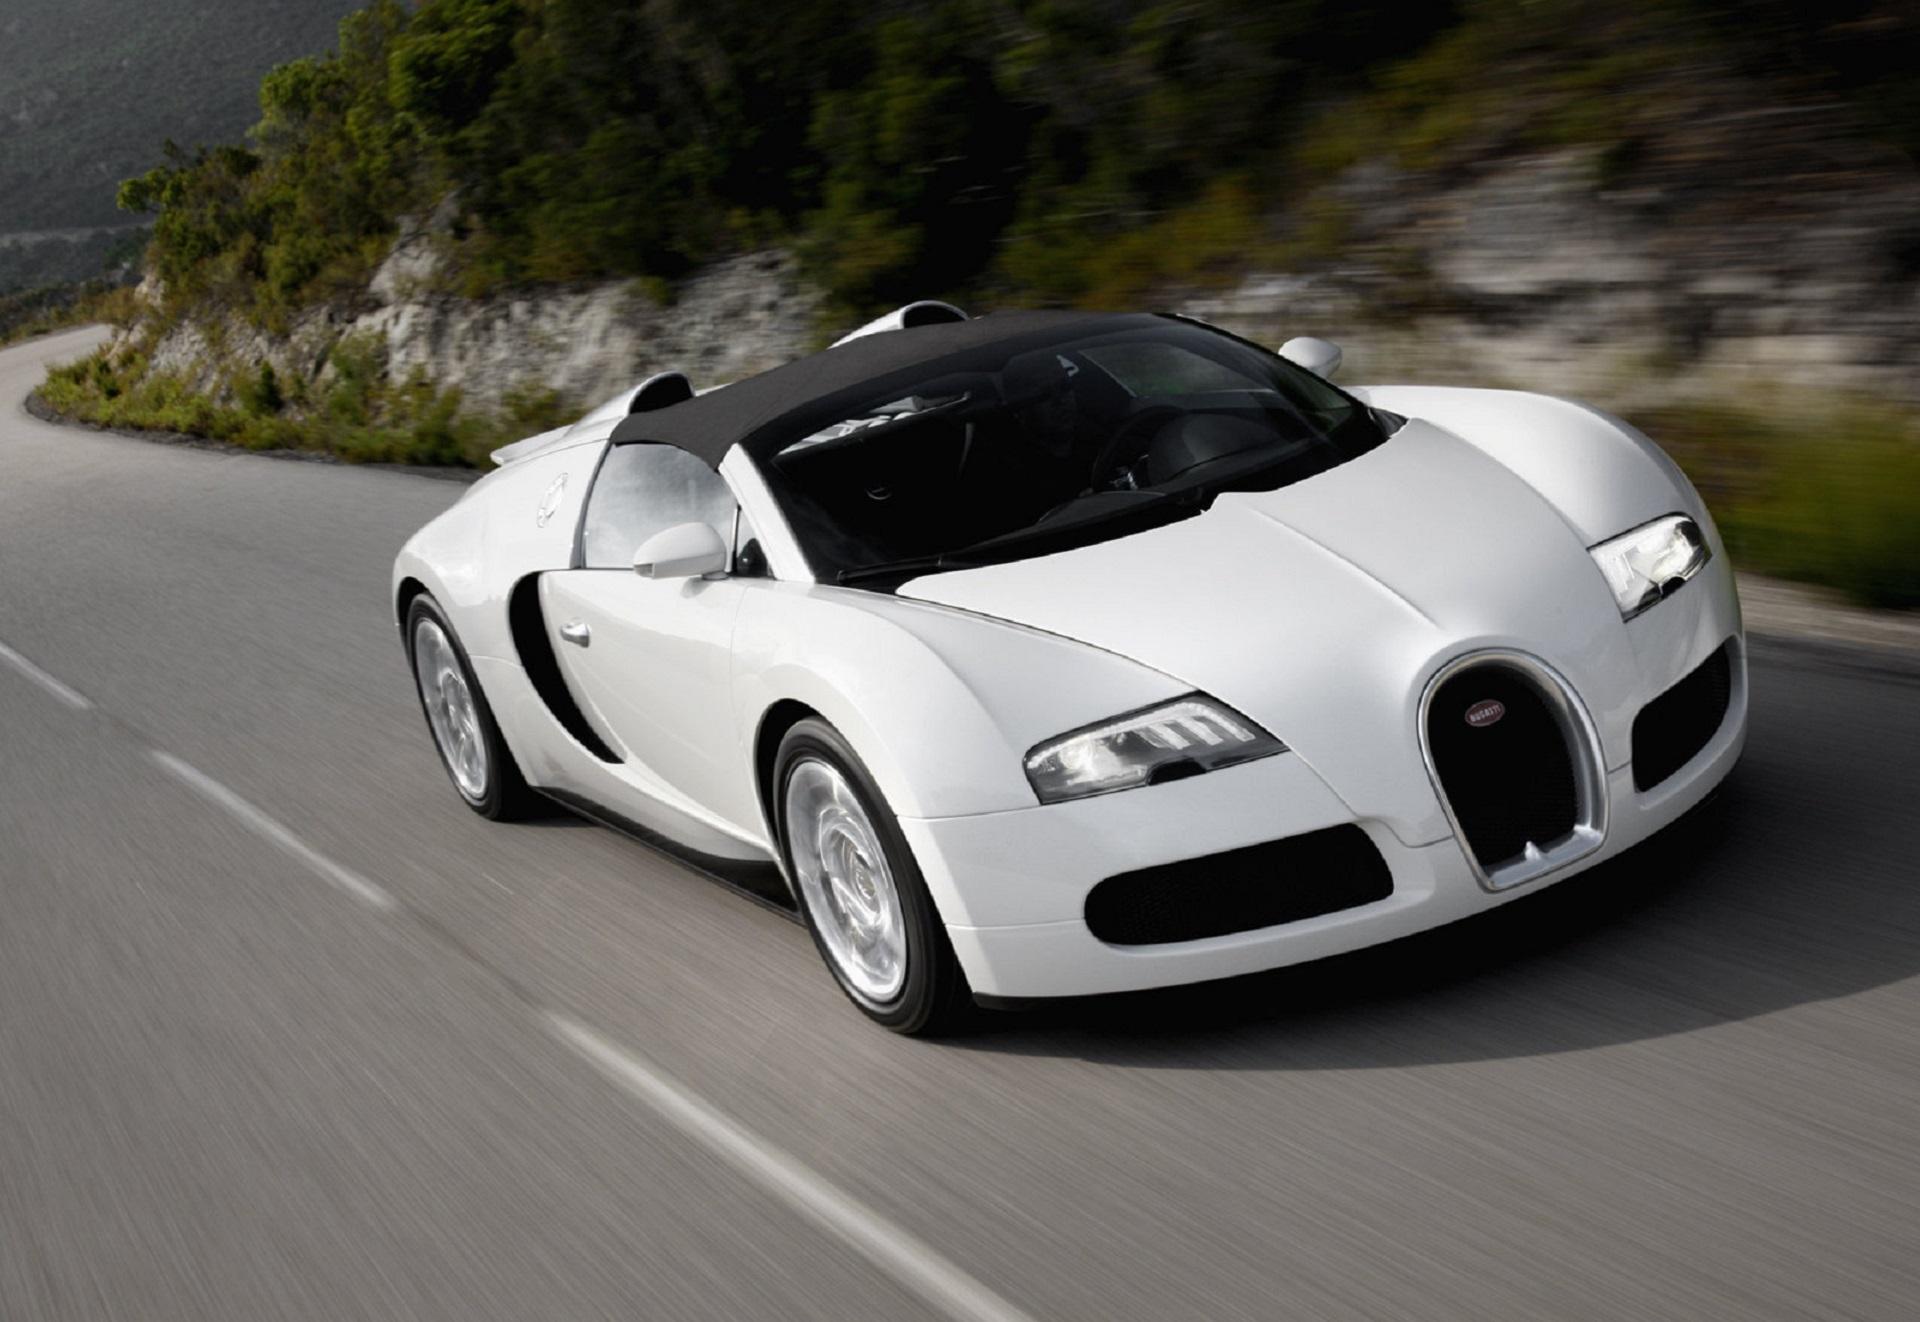 Bugatti Veyron Hd Background